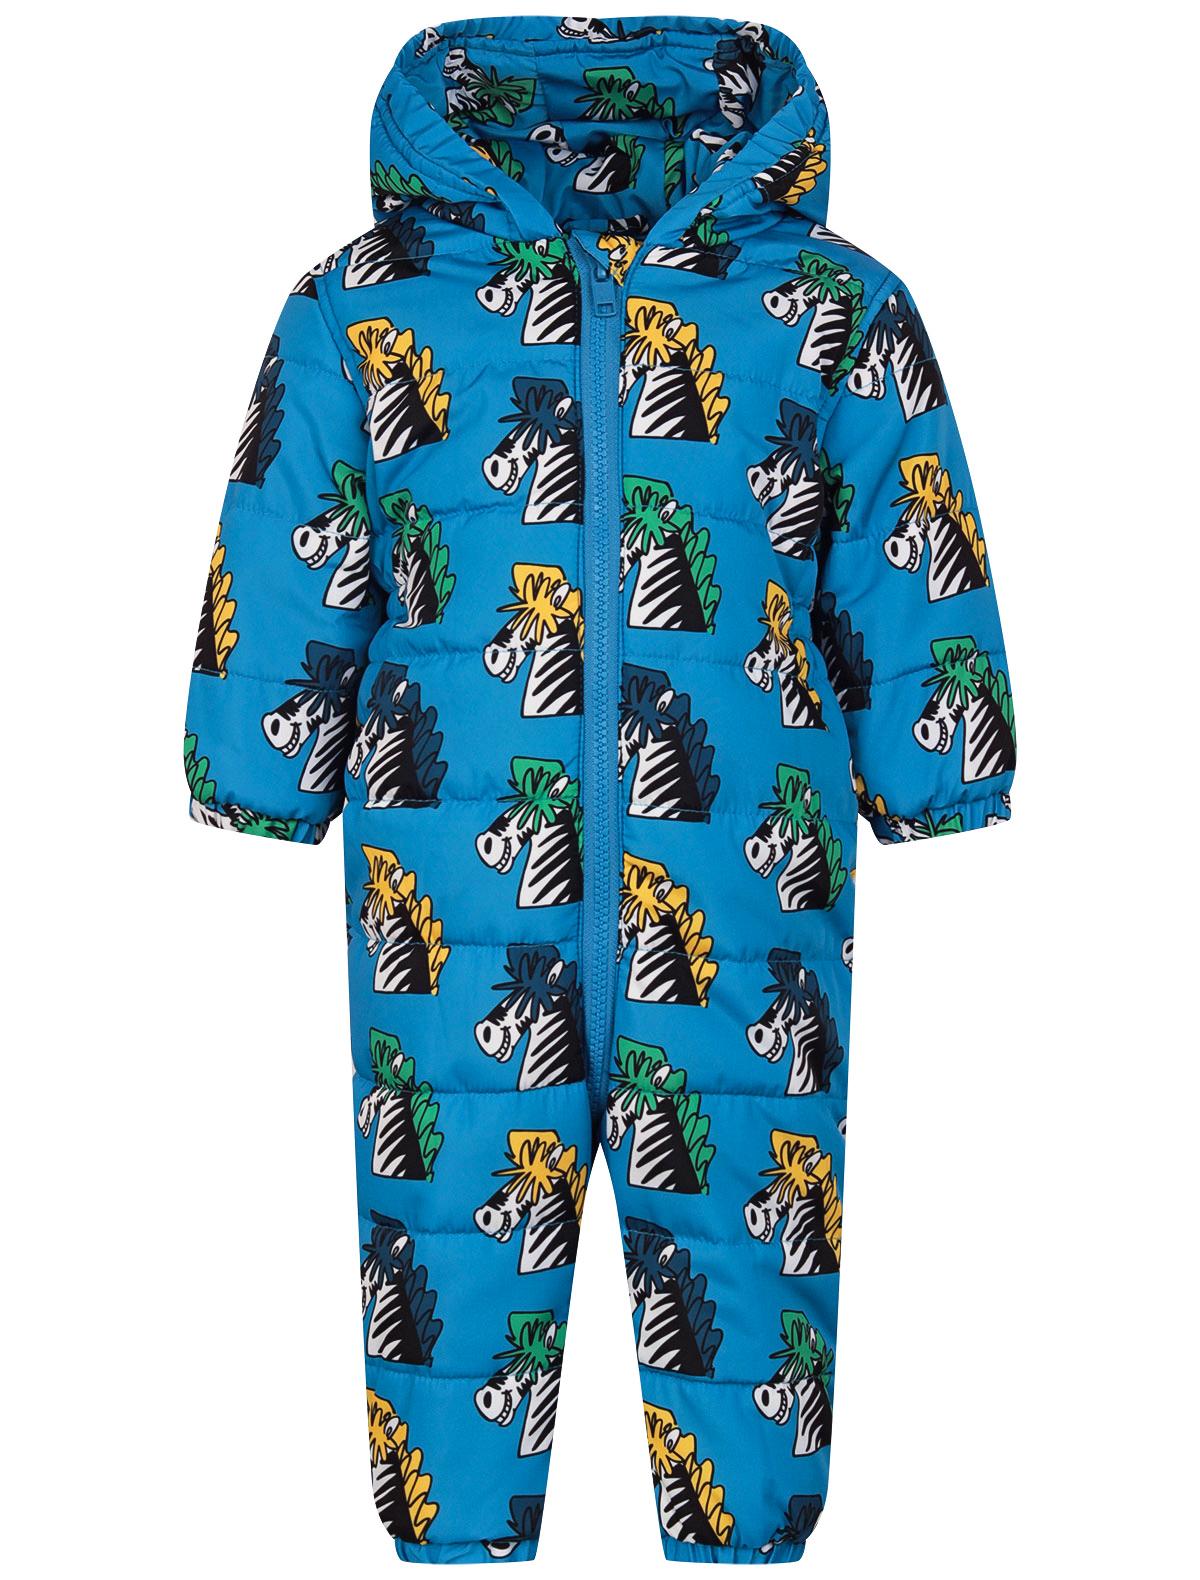 Купить 2238468, Комбинезон утепленный Stella McCartney, синий, Мужской, 1594519080244